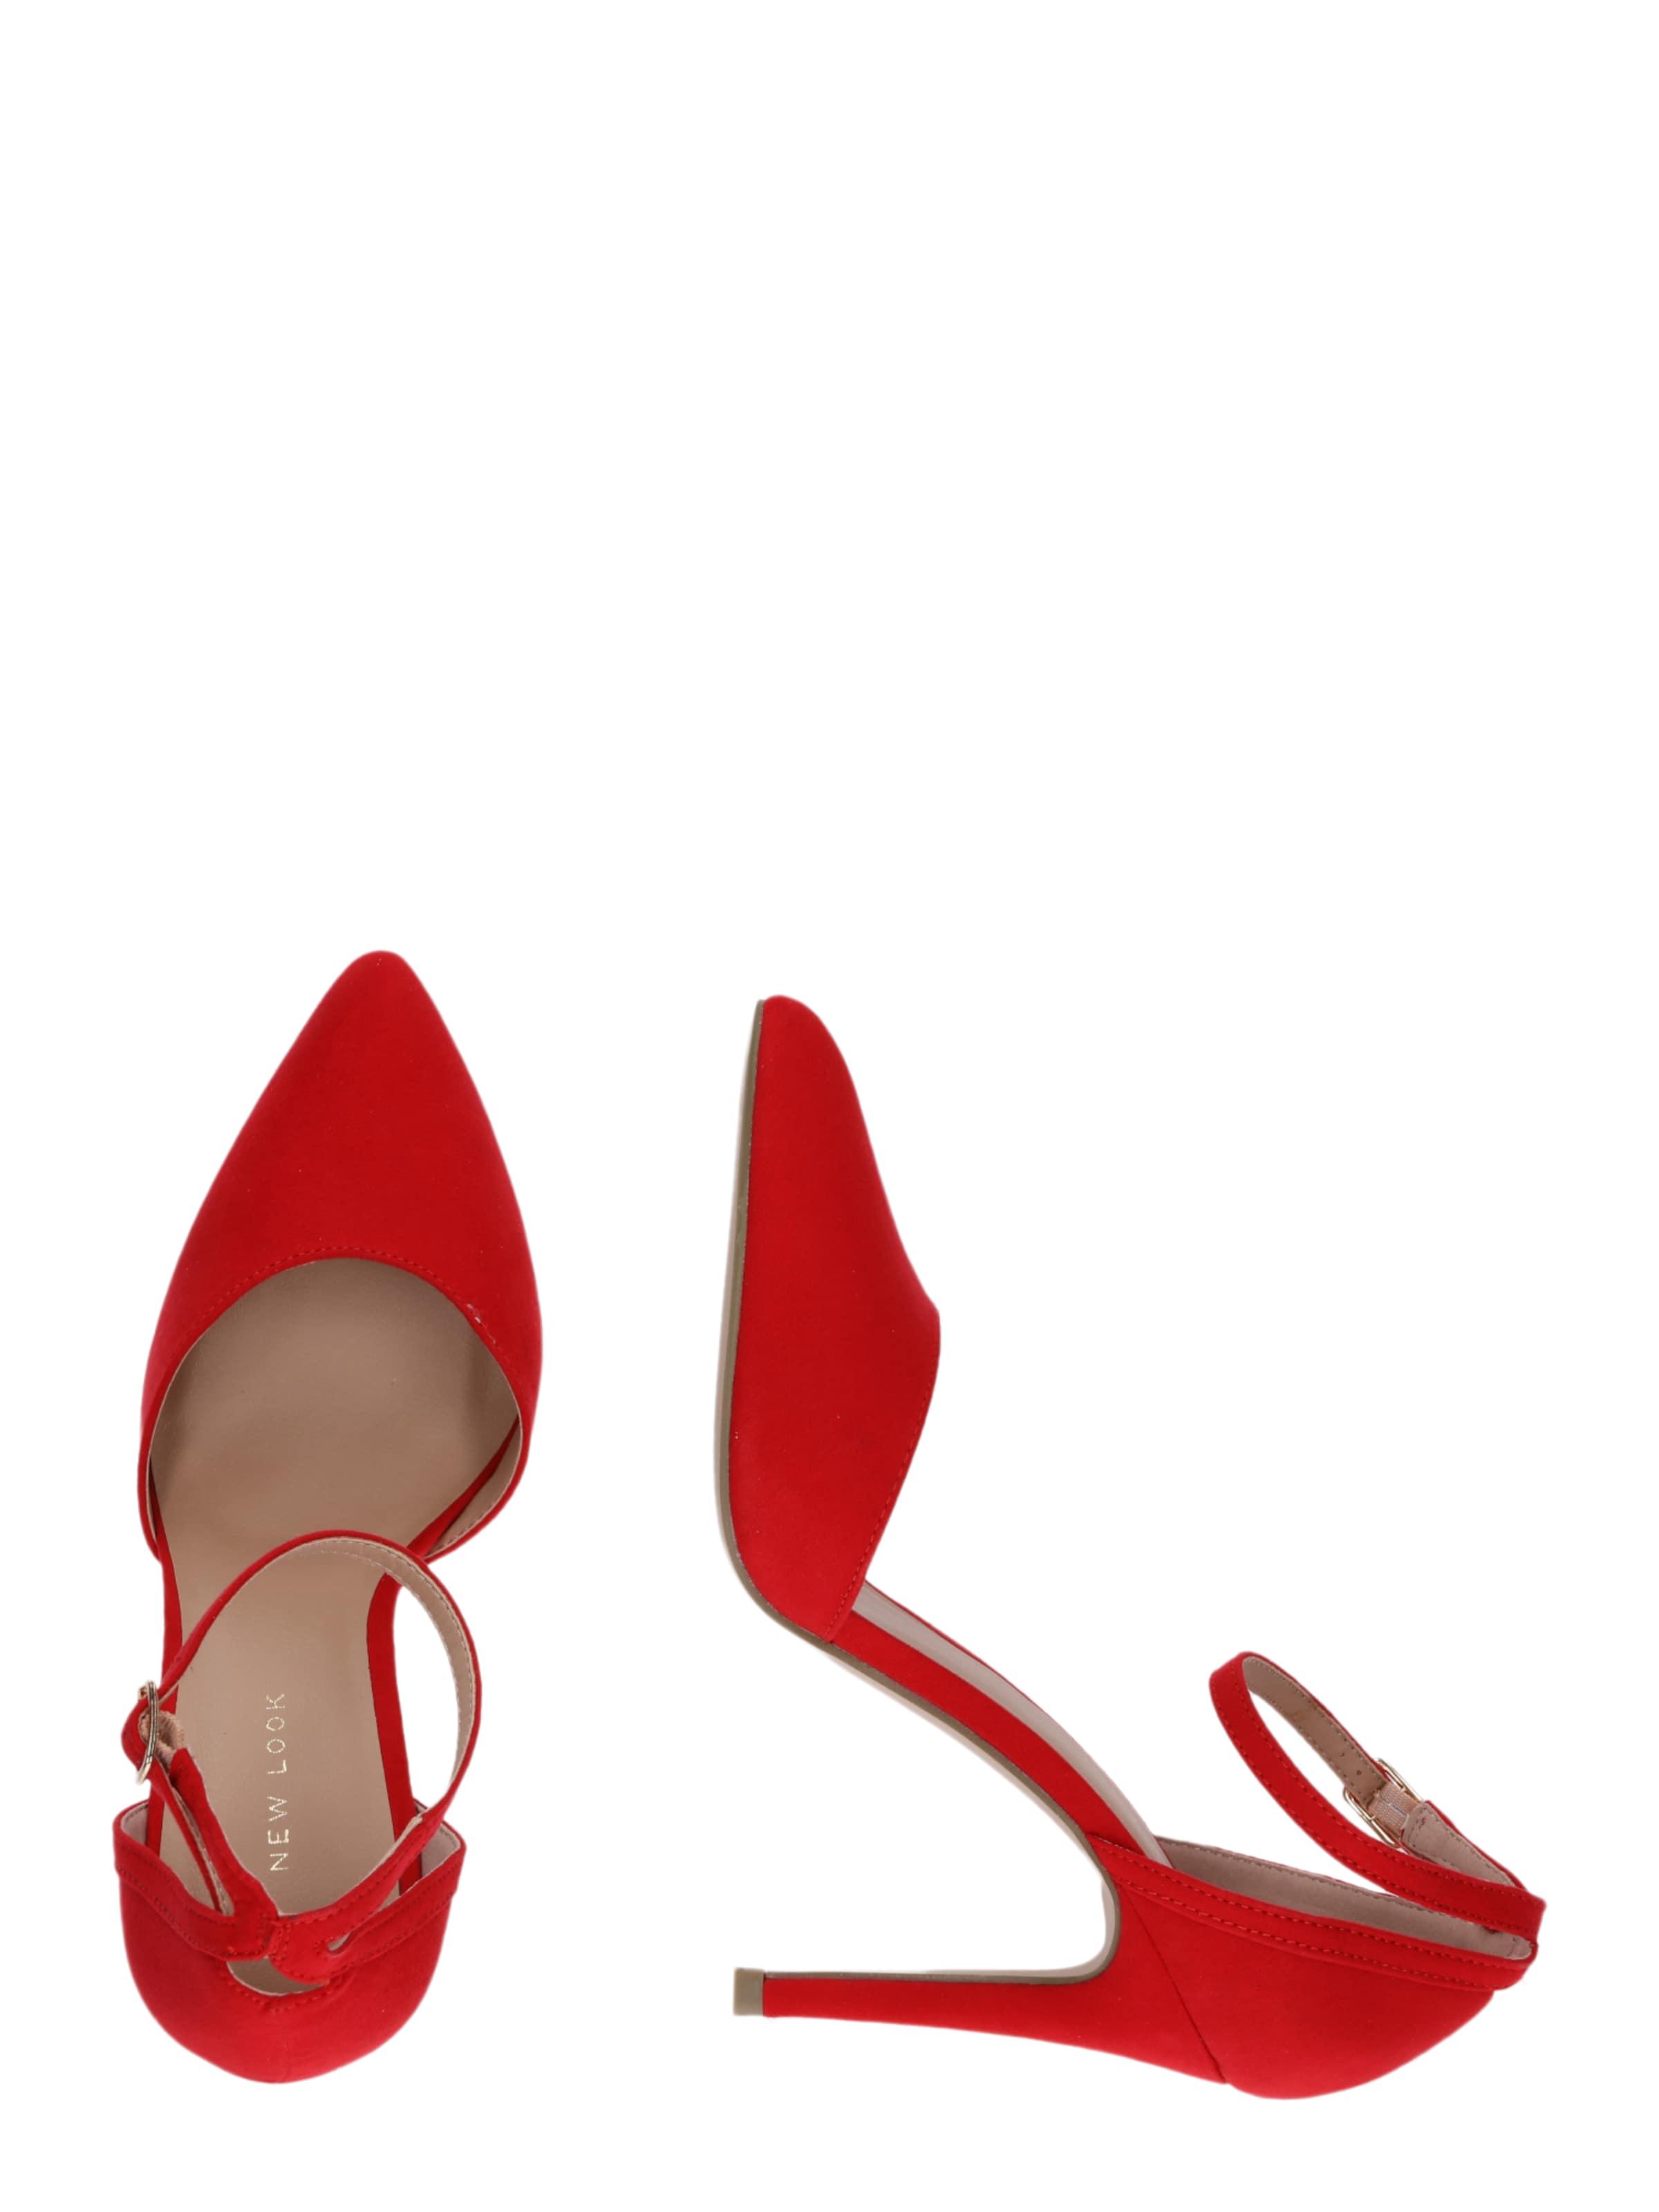 Look Rouge En New Semper' Escarpins 'courts Rq4AjL35